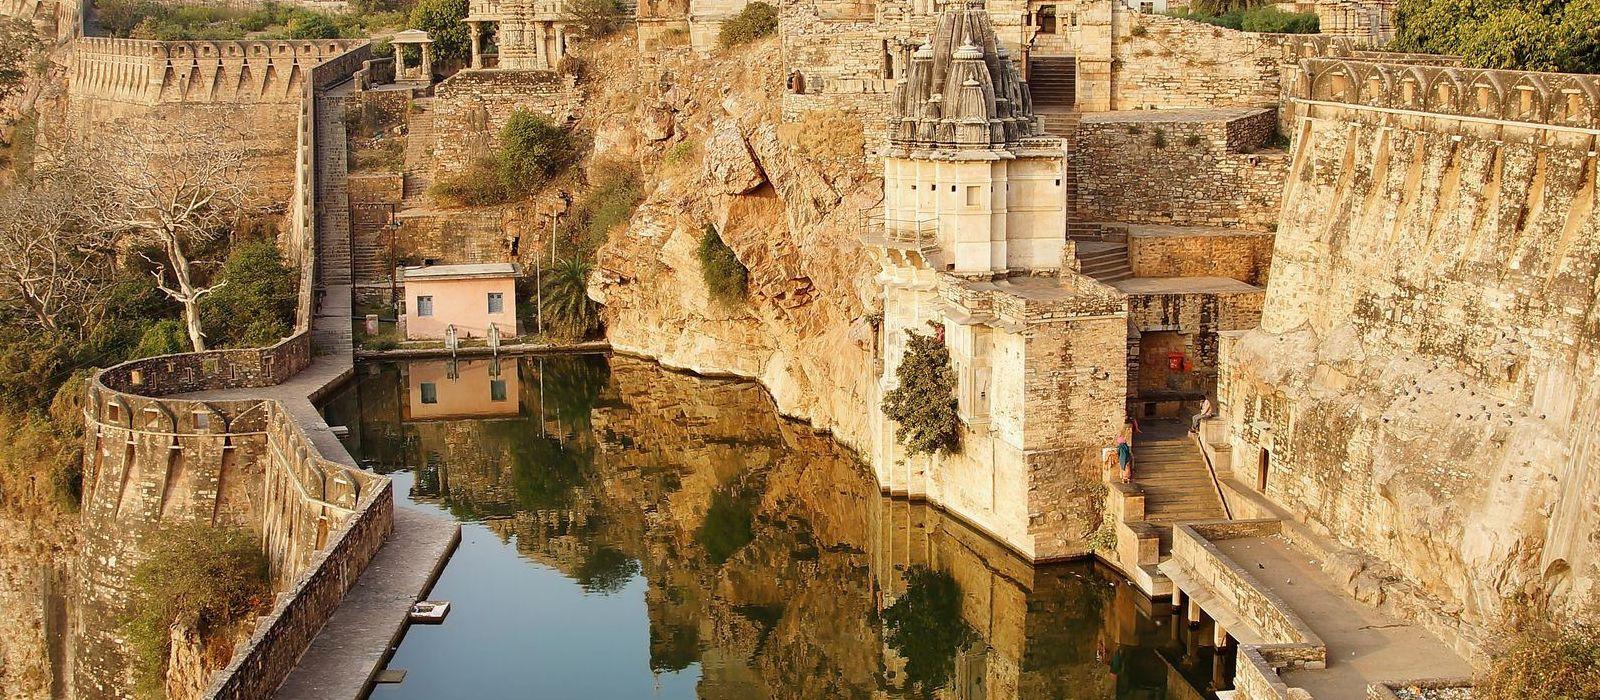 Destination Chittorgarh North India